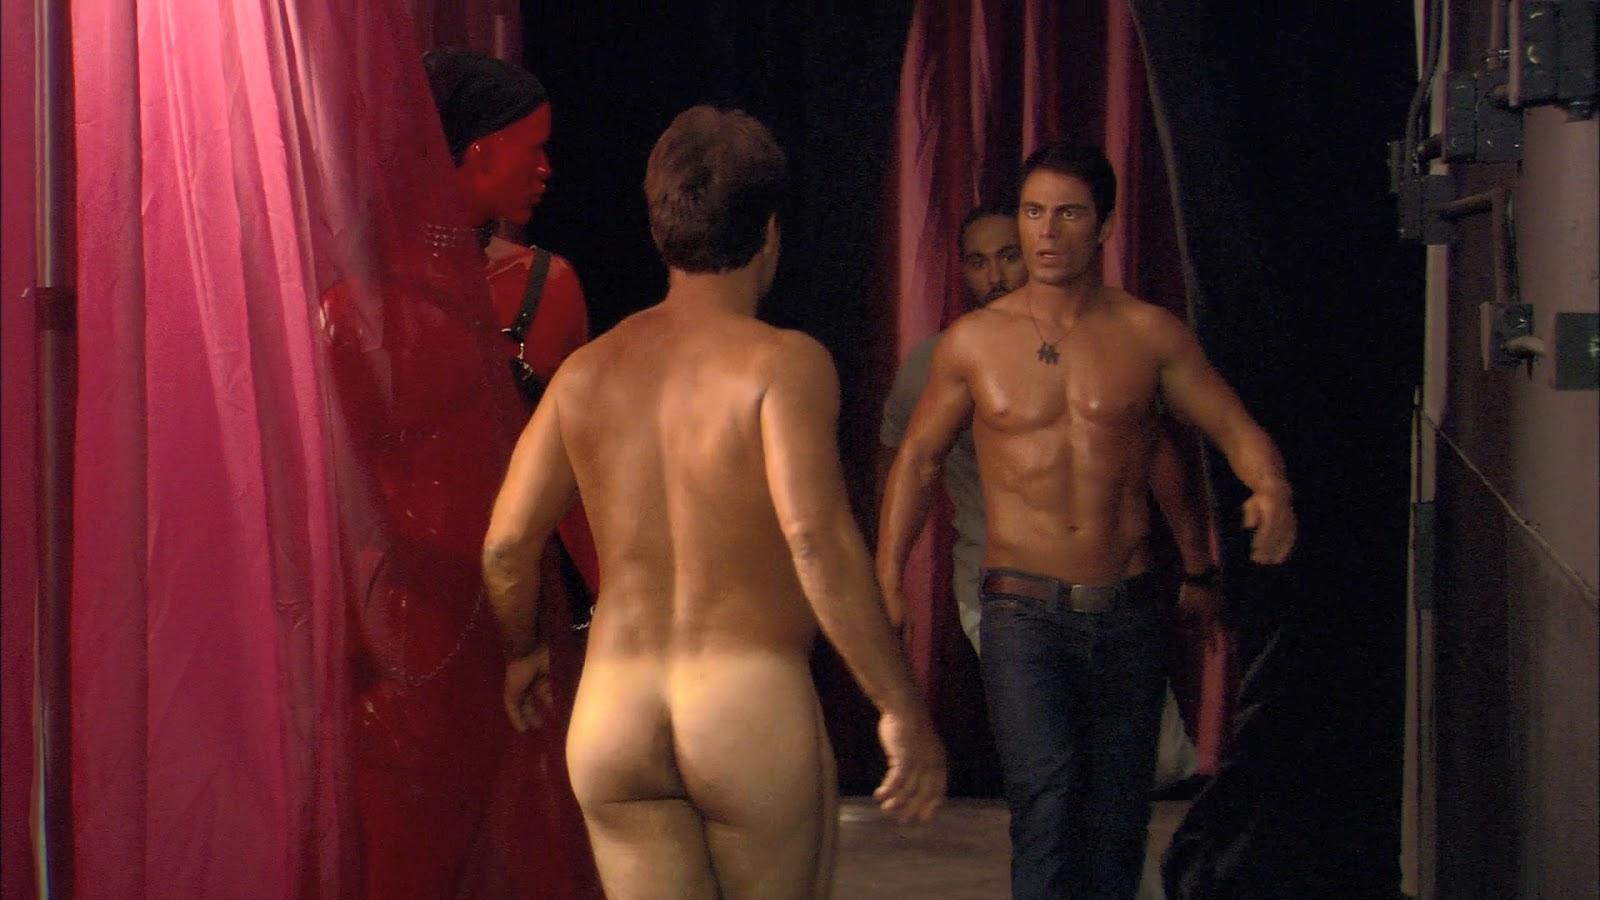 Dante's cove sex scene gay porn photo